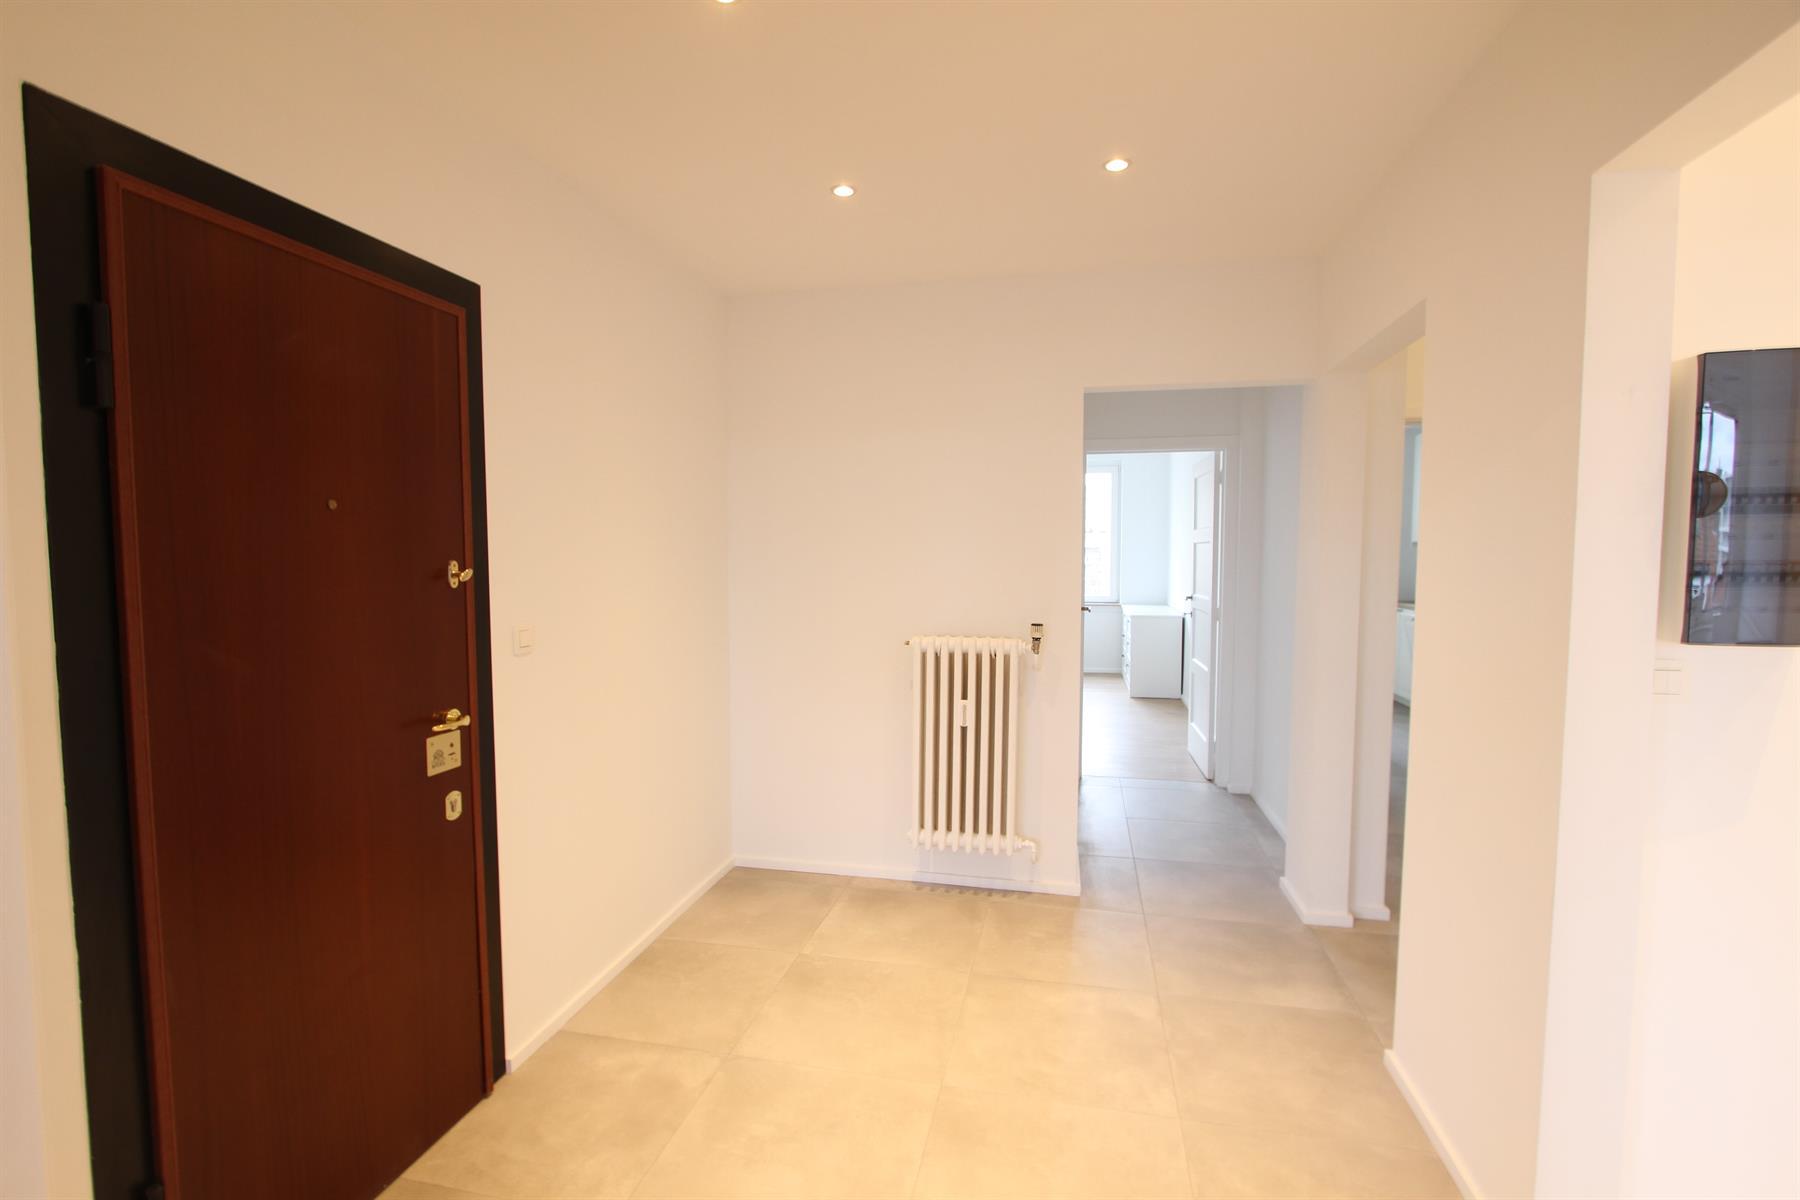 Flat - Ixelles - #3973978-4